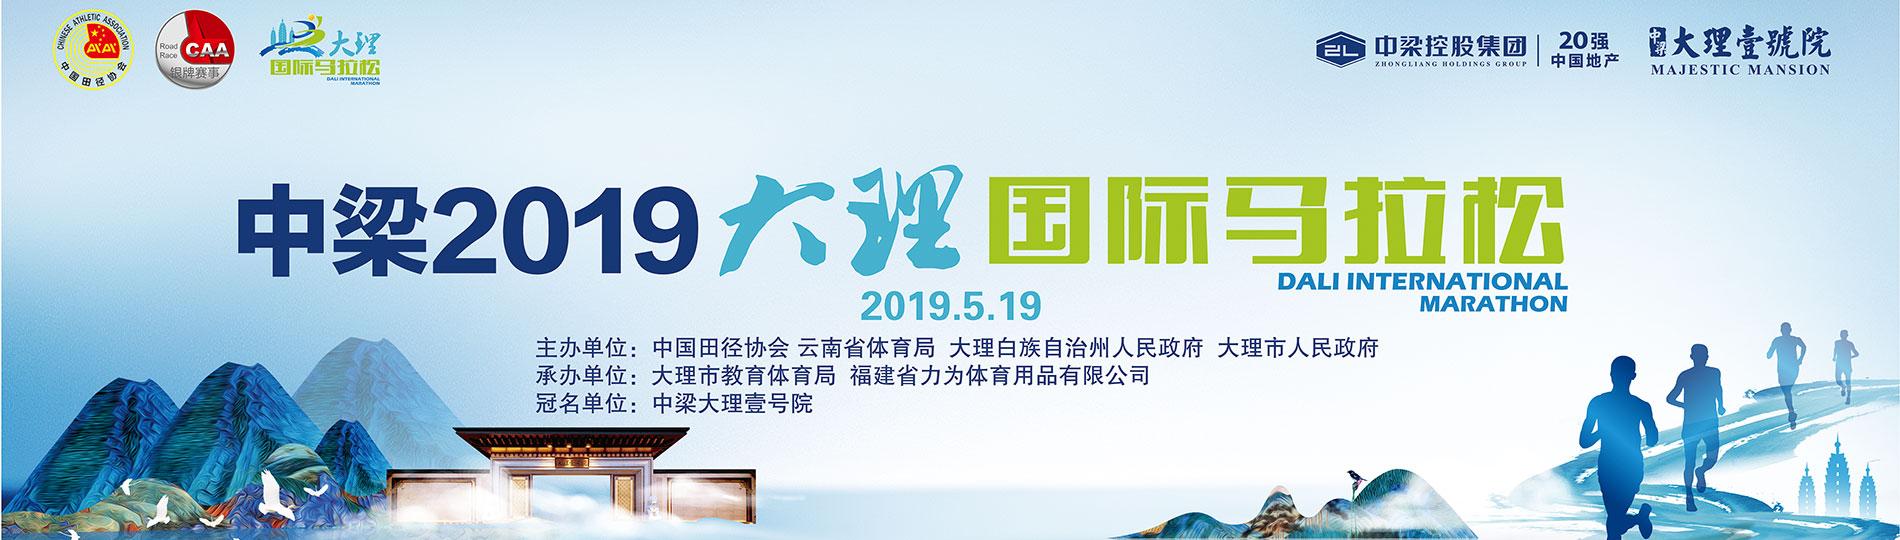 2019大理国际马拉松